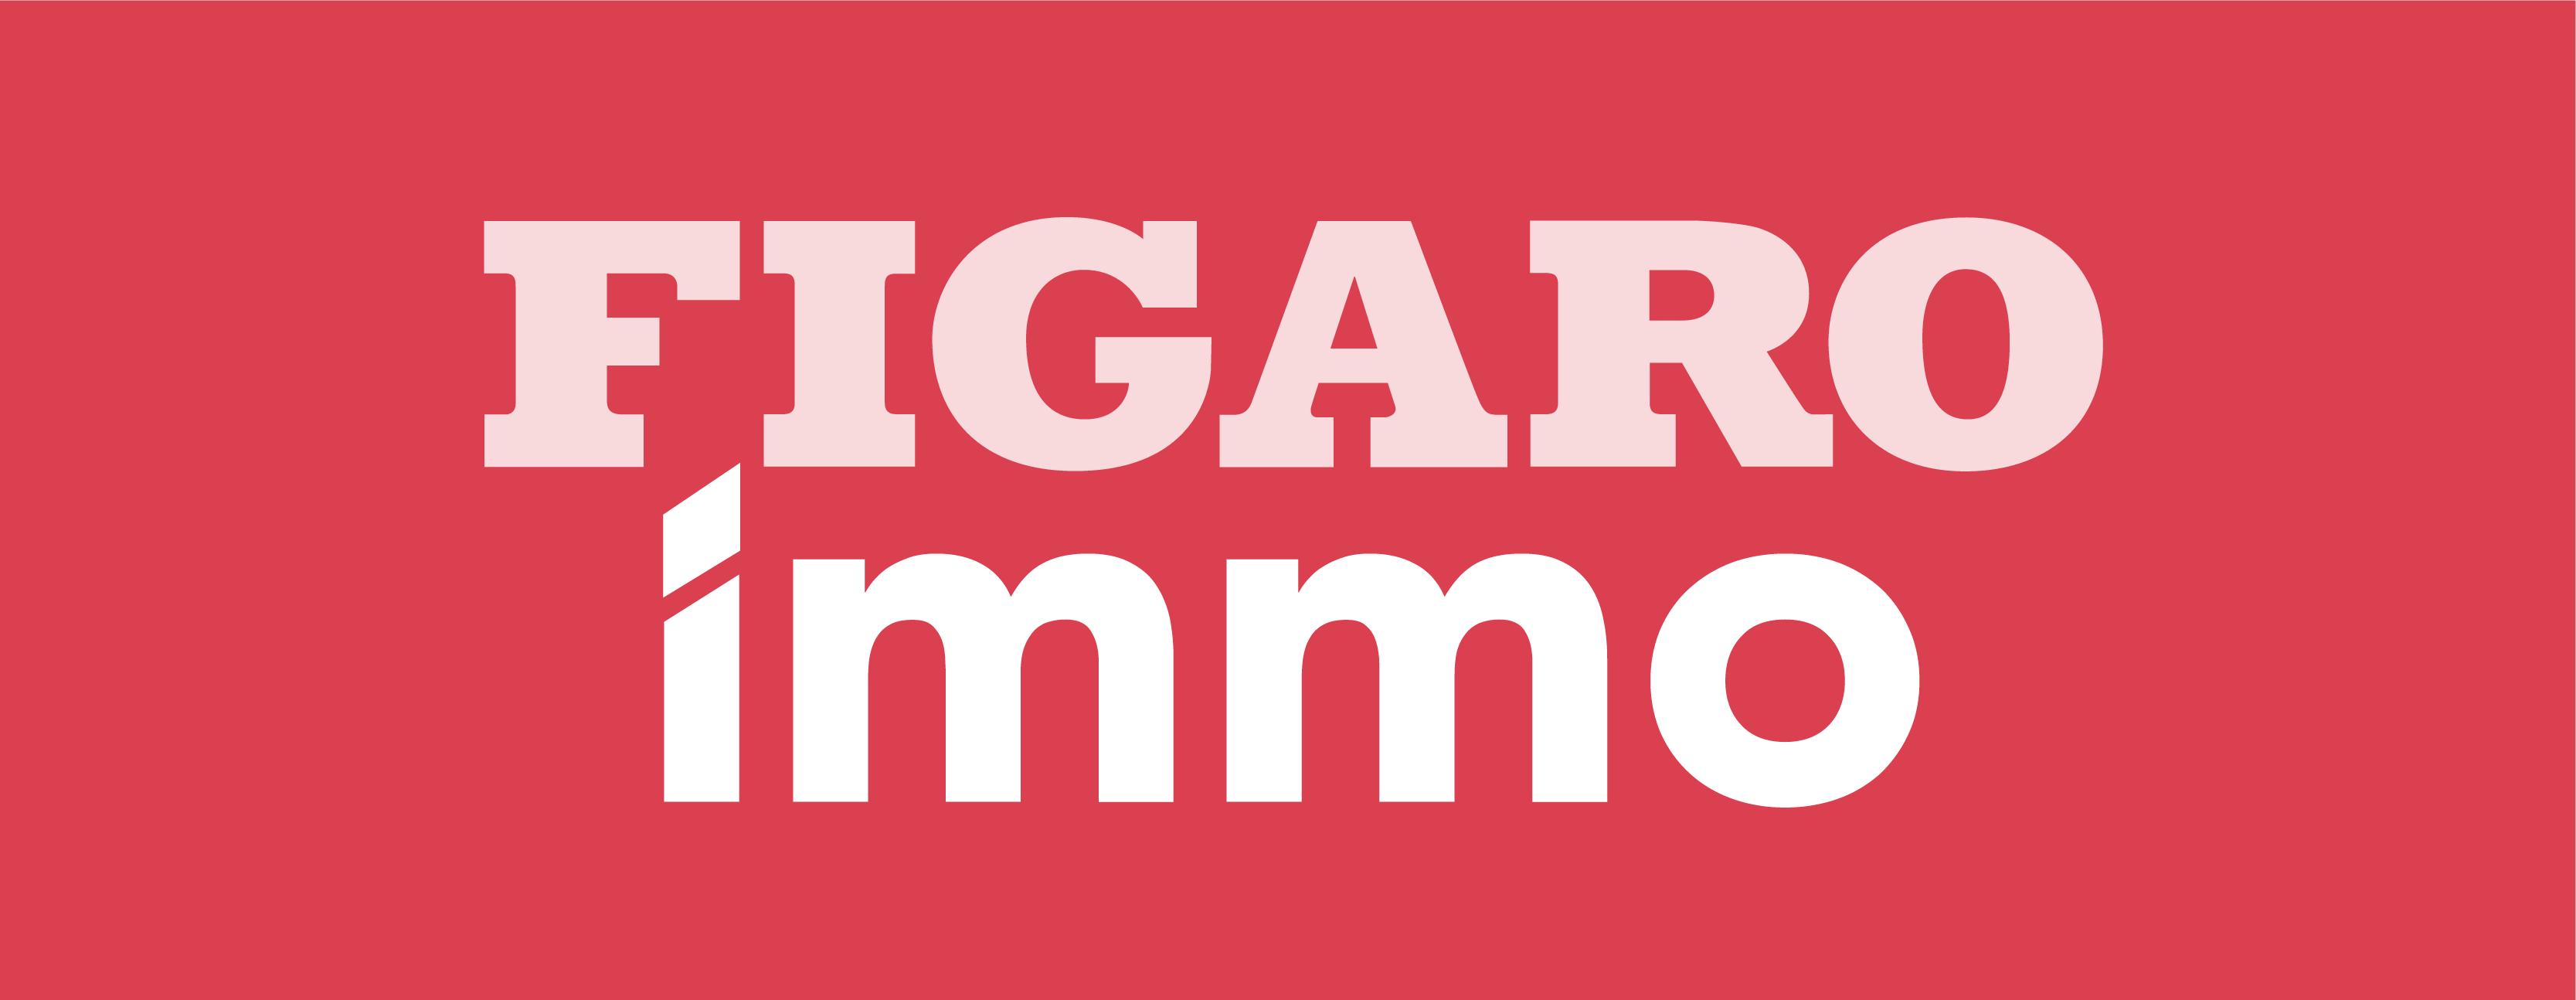 Figaro Immo